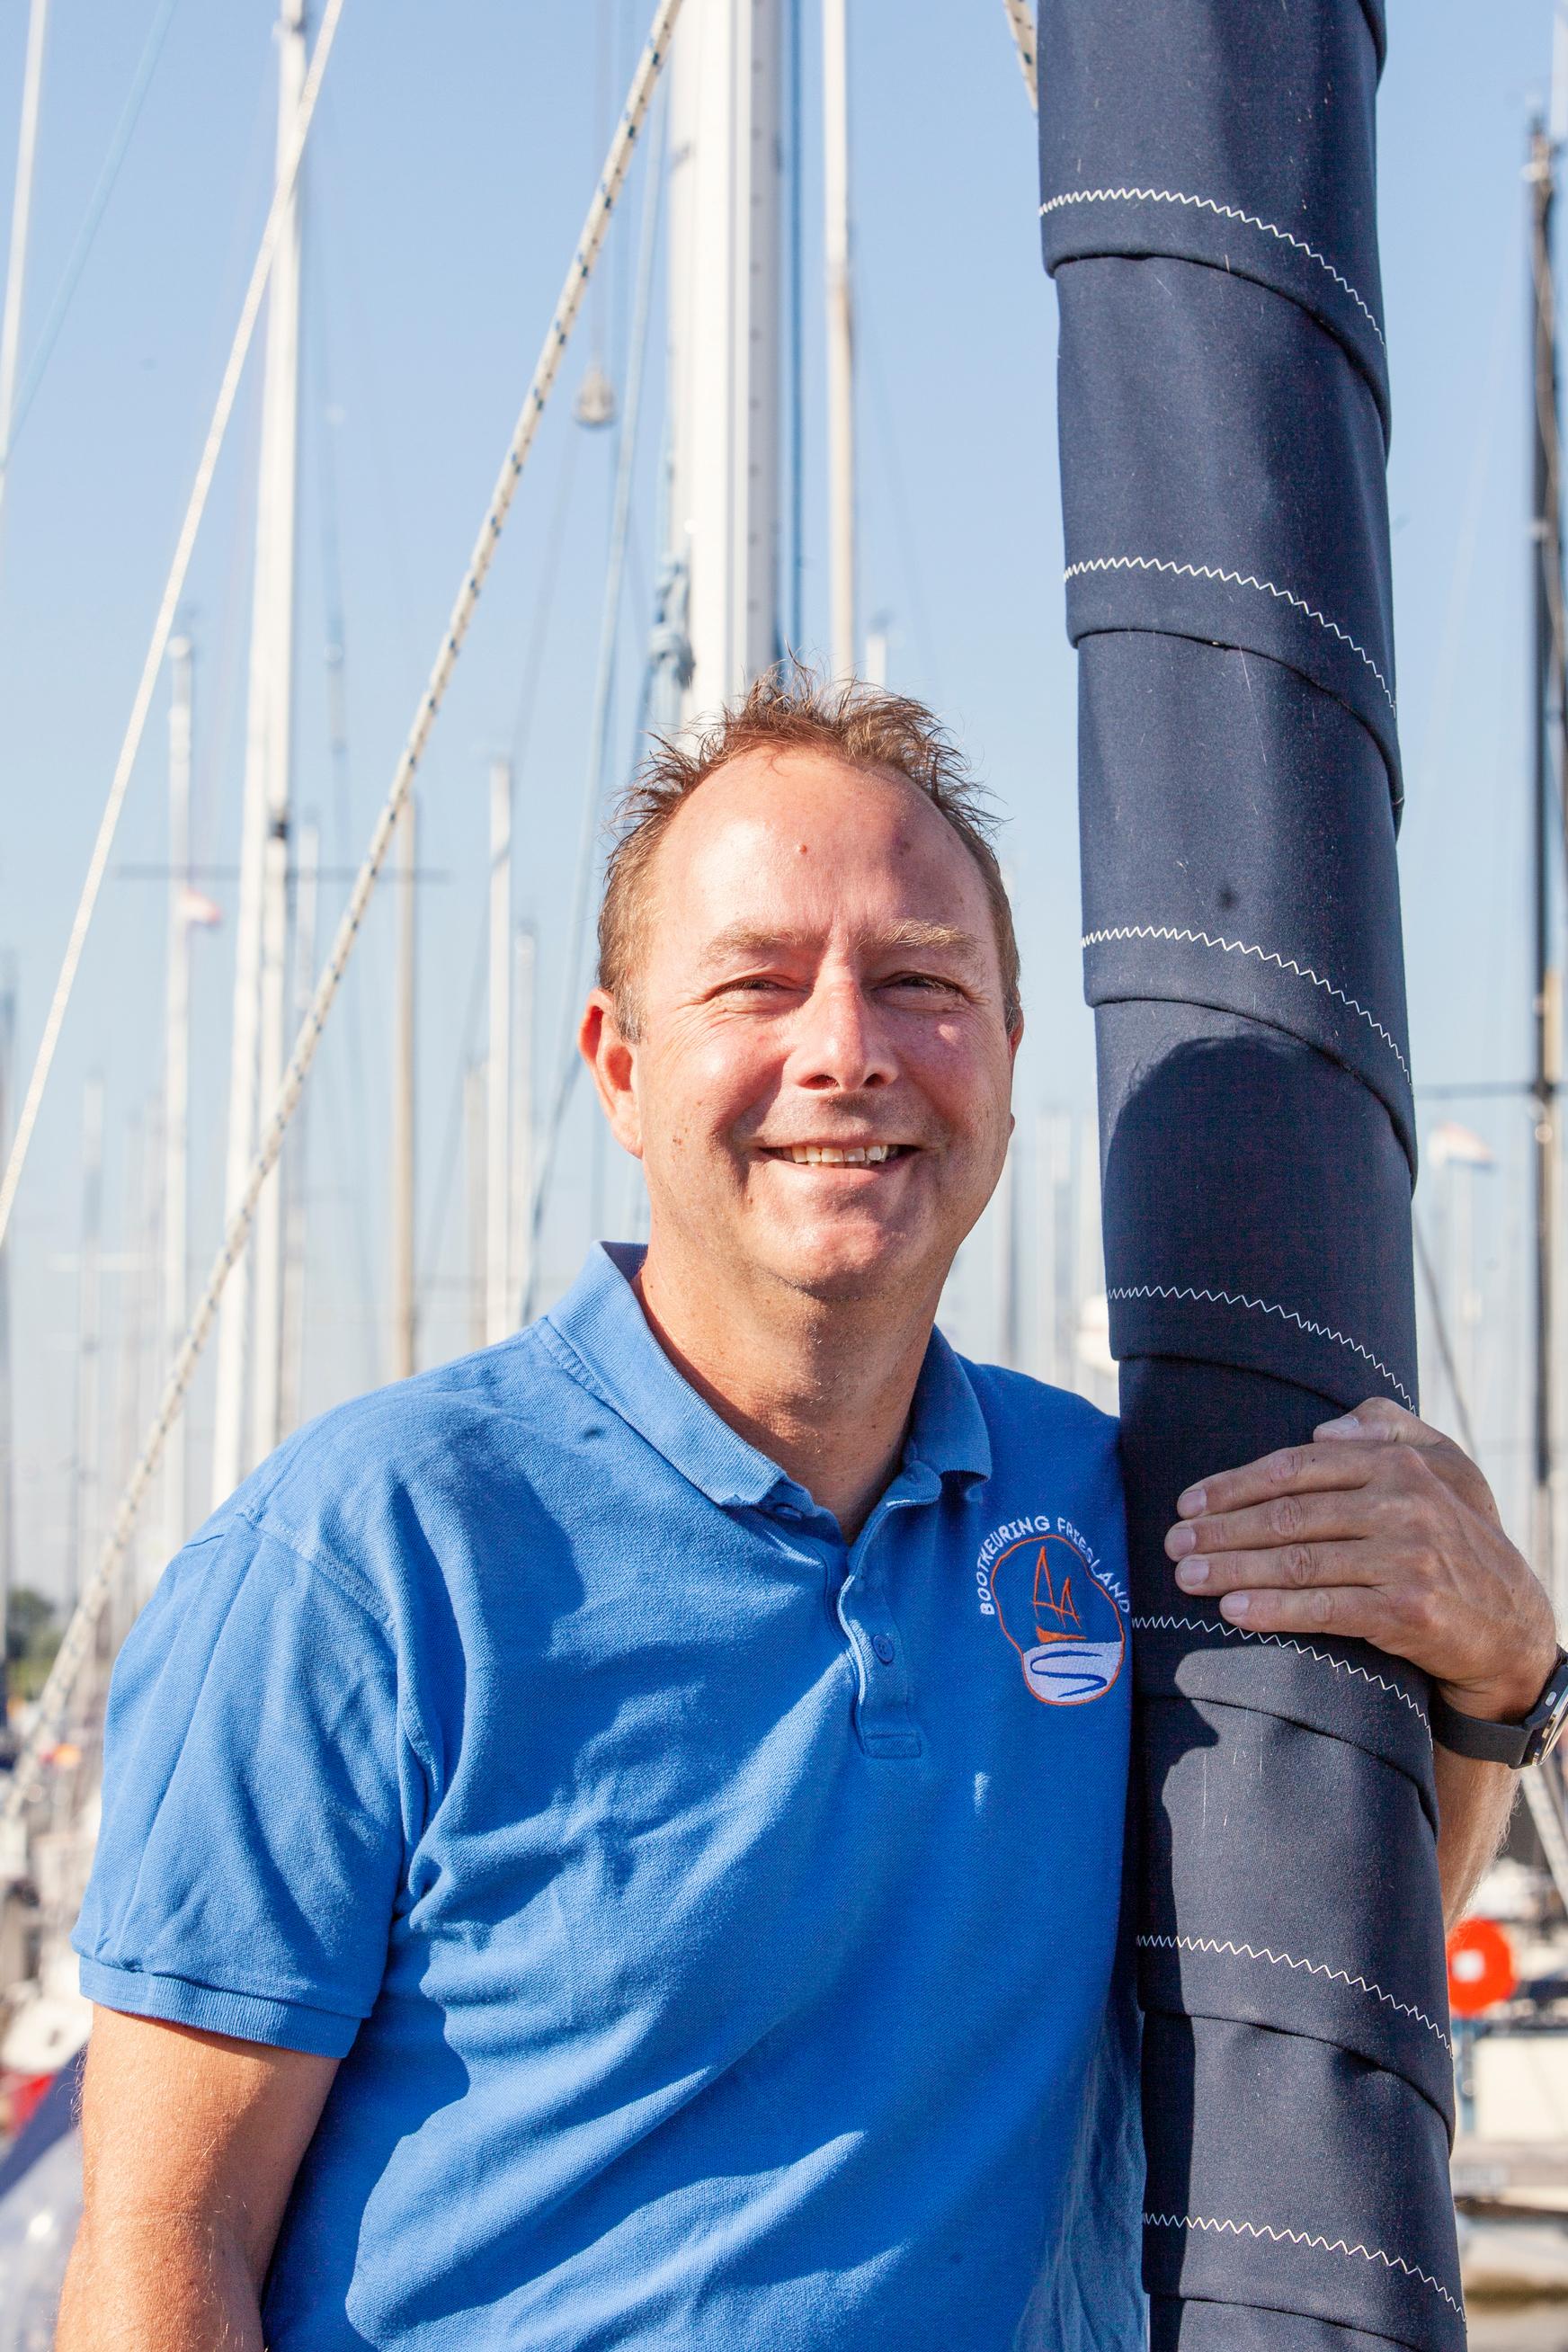 M. (Marcel) van der Veen